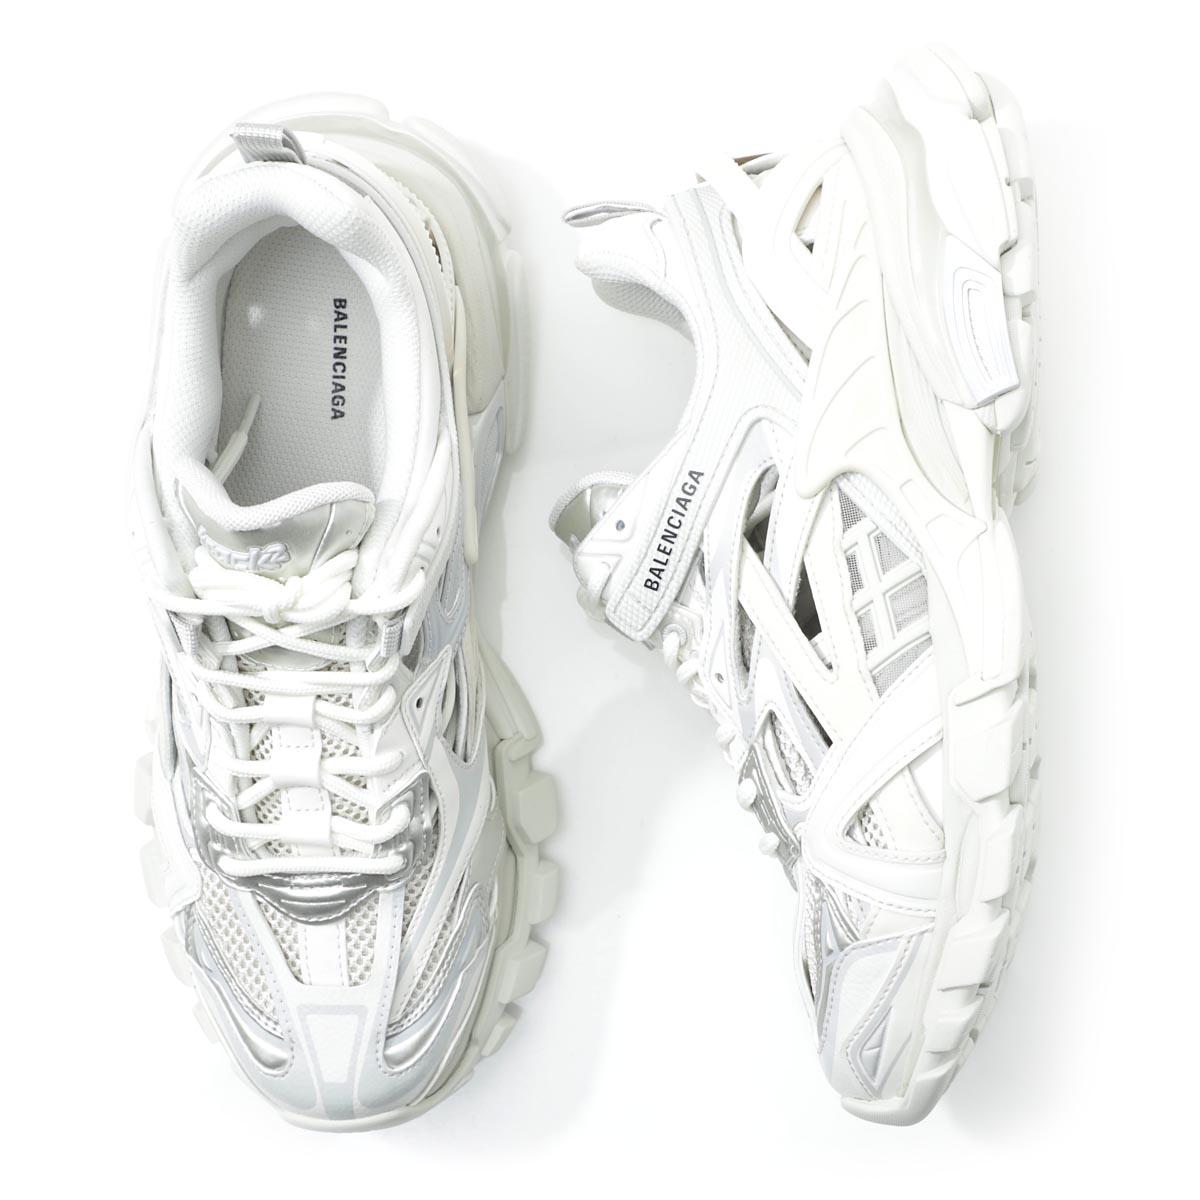 バレンシアガ BALENCIAGA スニーカー ホワイト メンズ シューズ 靴 カジュアル 大きいサイズあり 568614 w2gn1 9000 TRACK TRAINERS 2 トラック トレーナー 2【あす楽対応_関東】【返品送料無料】【ラッピング無料】